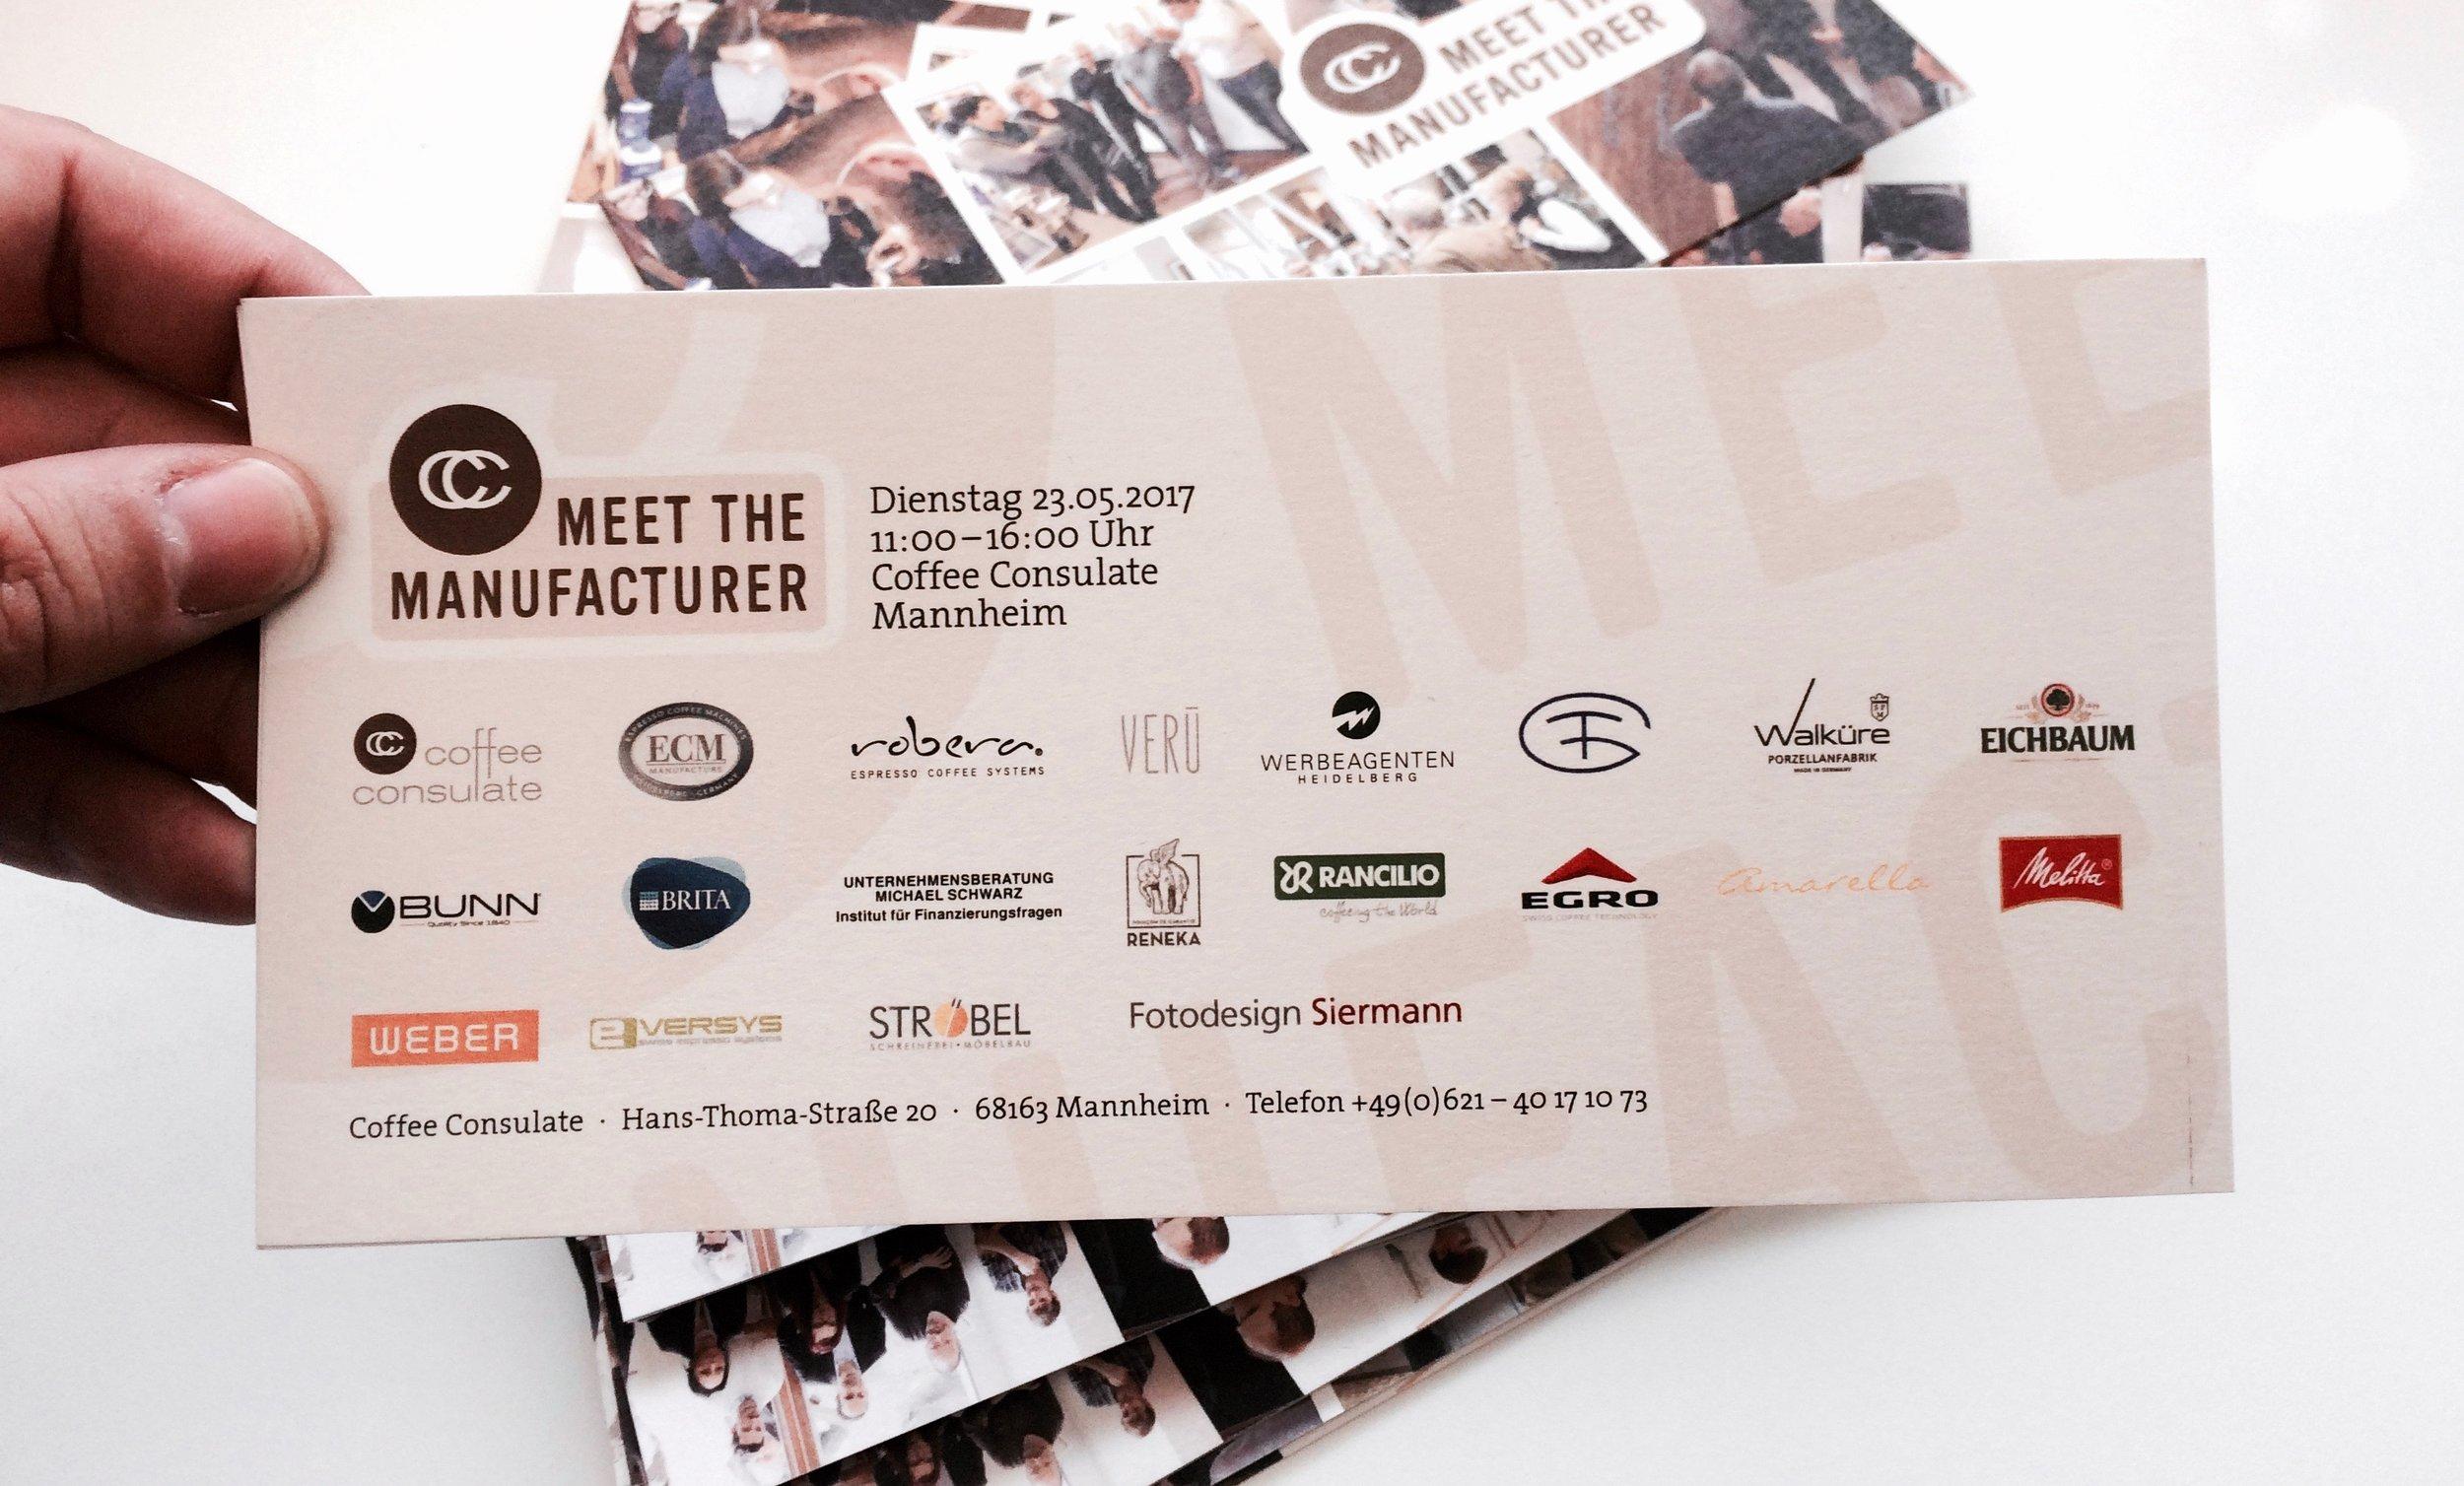 Die offiziellen Einladungskarten. Foto: Ingo H. Klett für die © WEBER Packaging GmbH, 2017